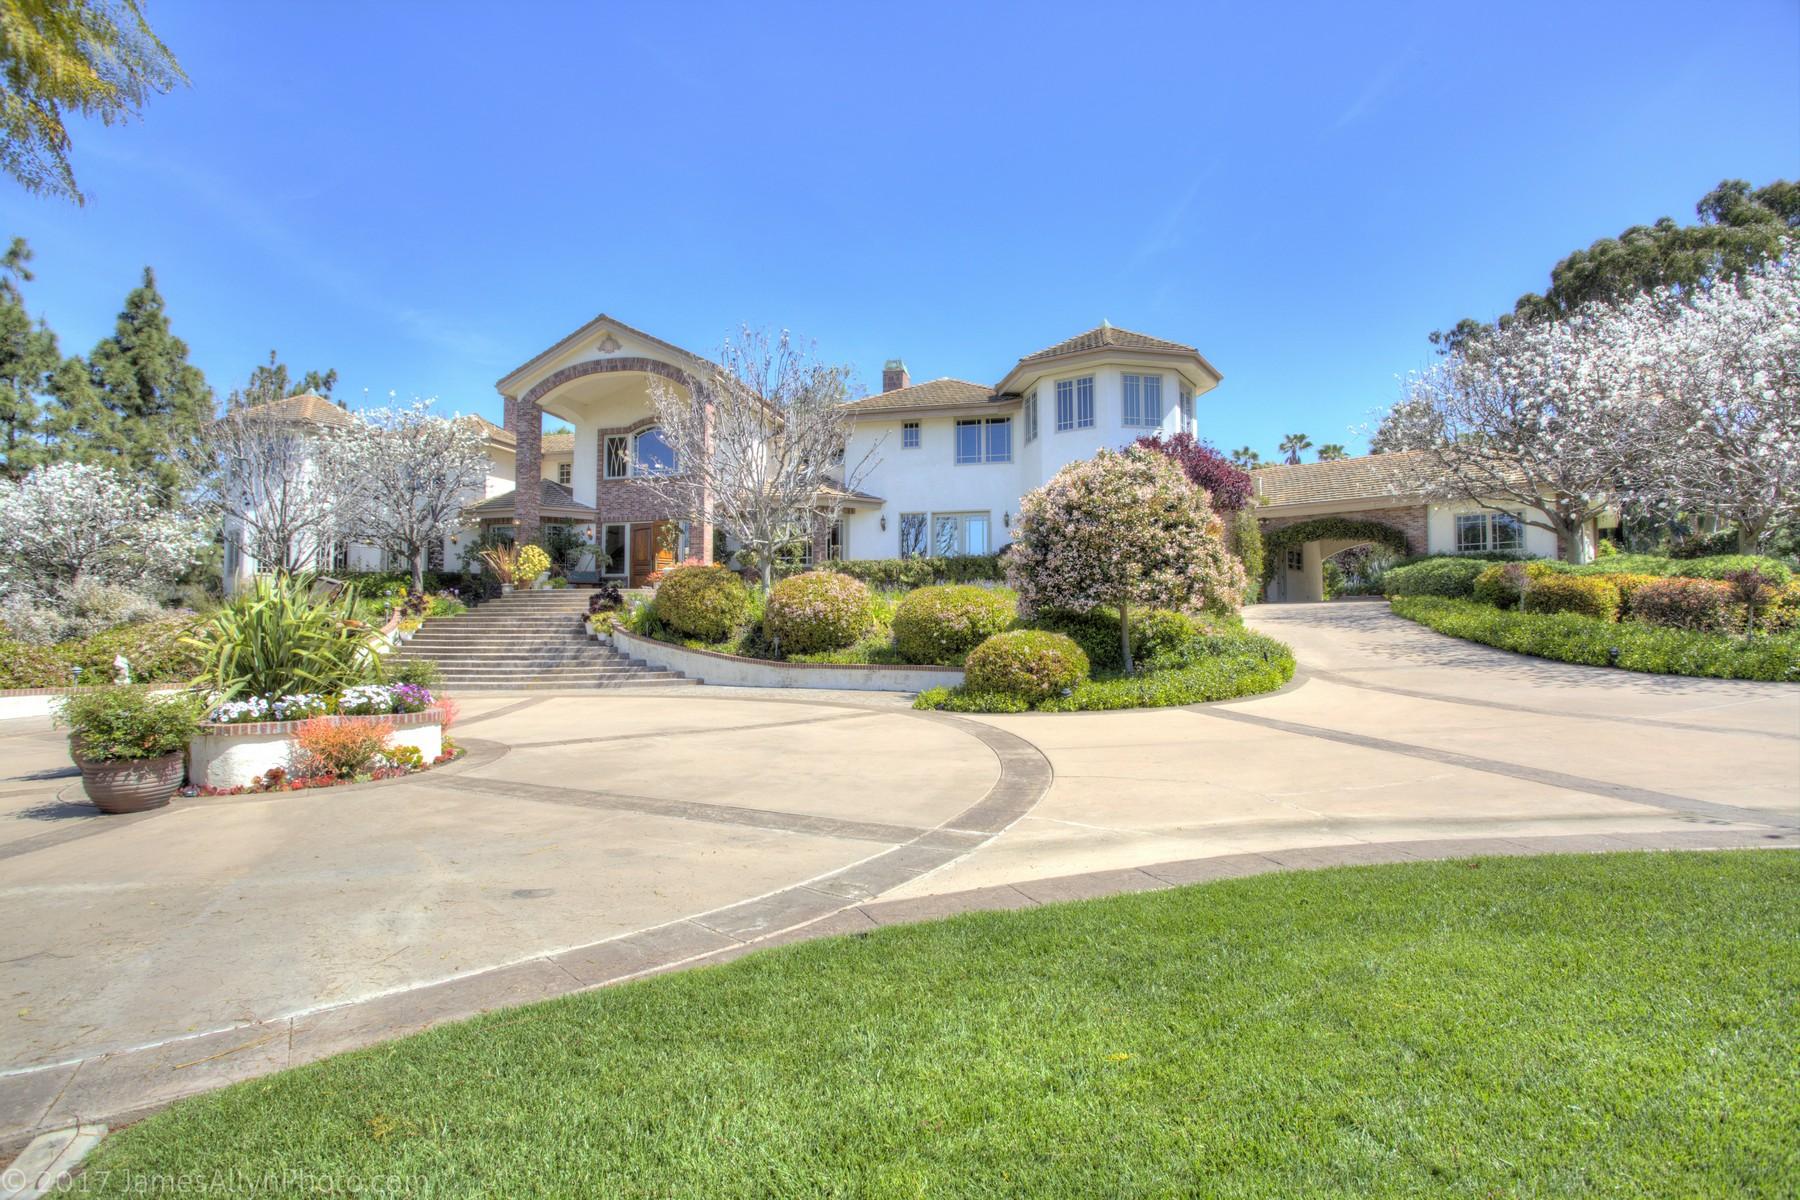 独户住宅 为 销售 在 4141 Stonebridge Rancho Santa Fe, 加利福尼亚州, 92091 美国